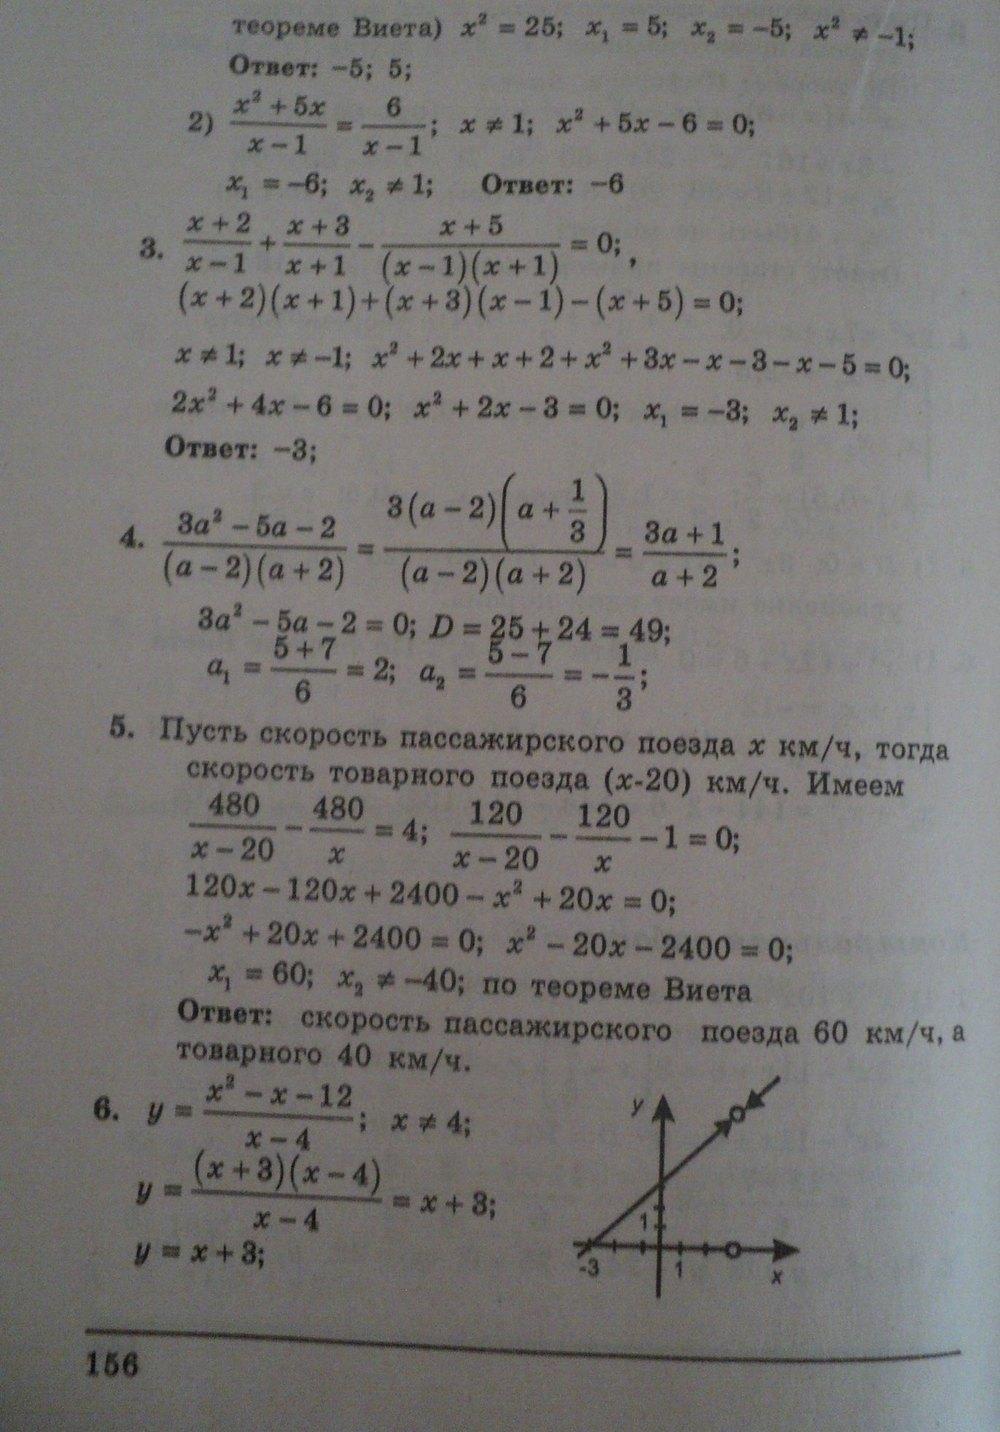 ГДЗ по алгебре 8 класс Щербань П.. Задание: стр. 156